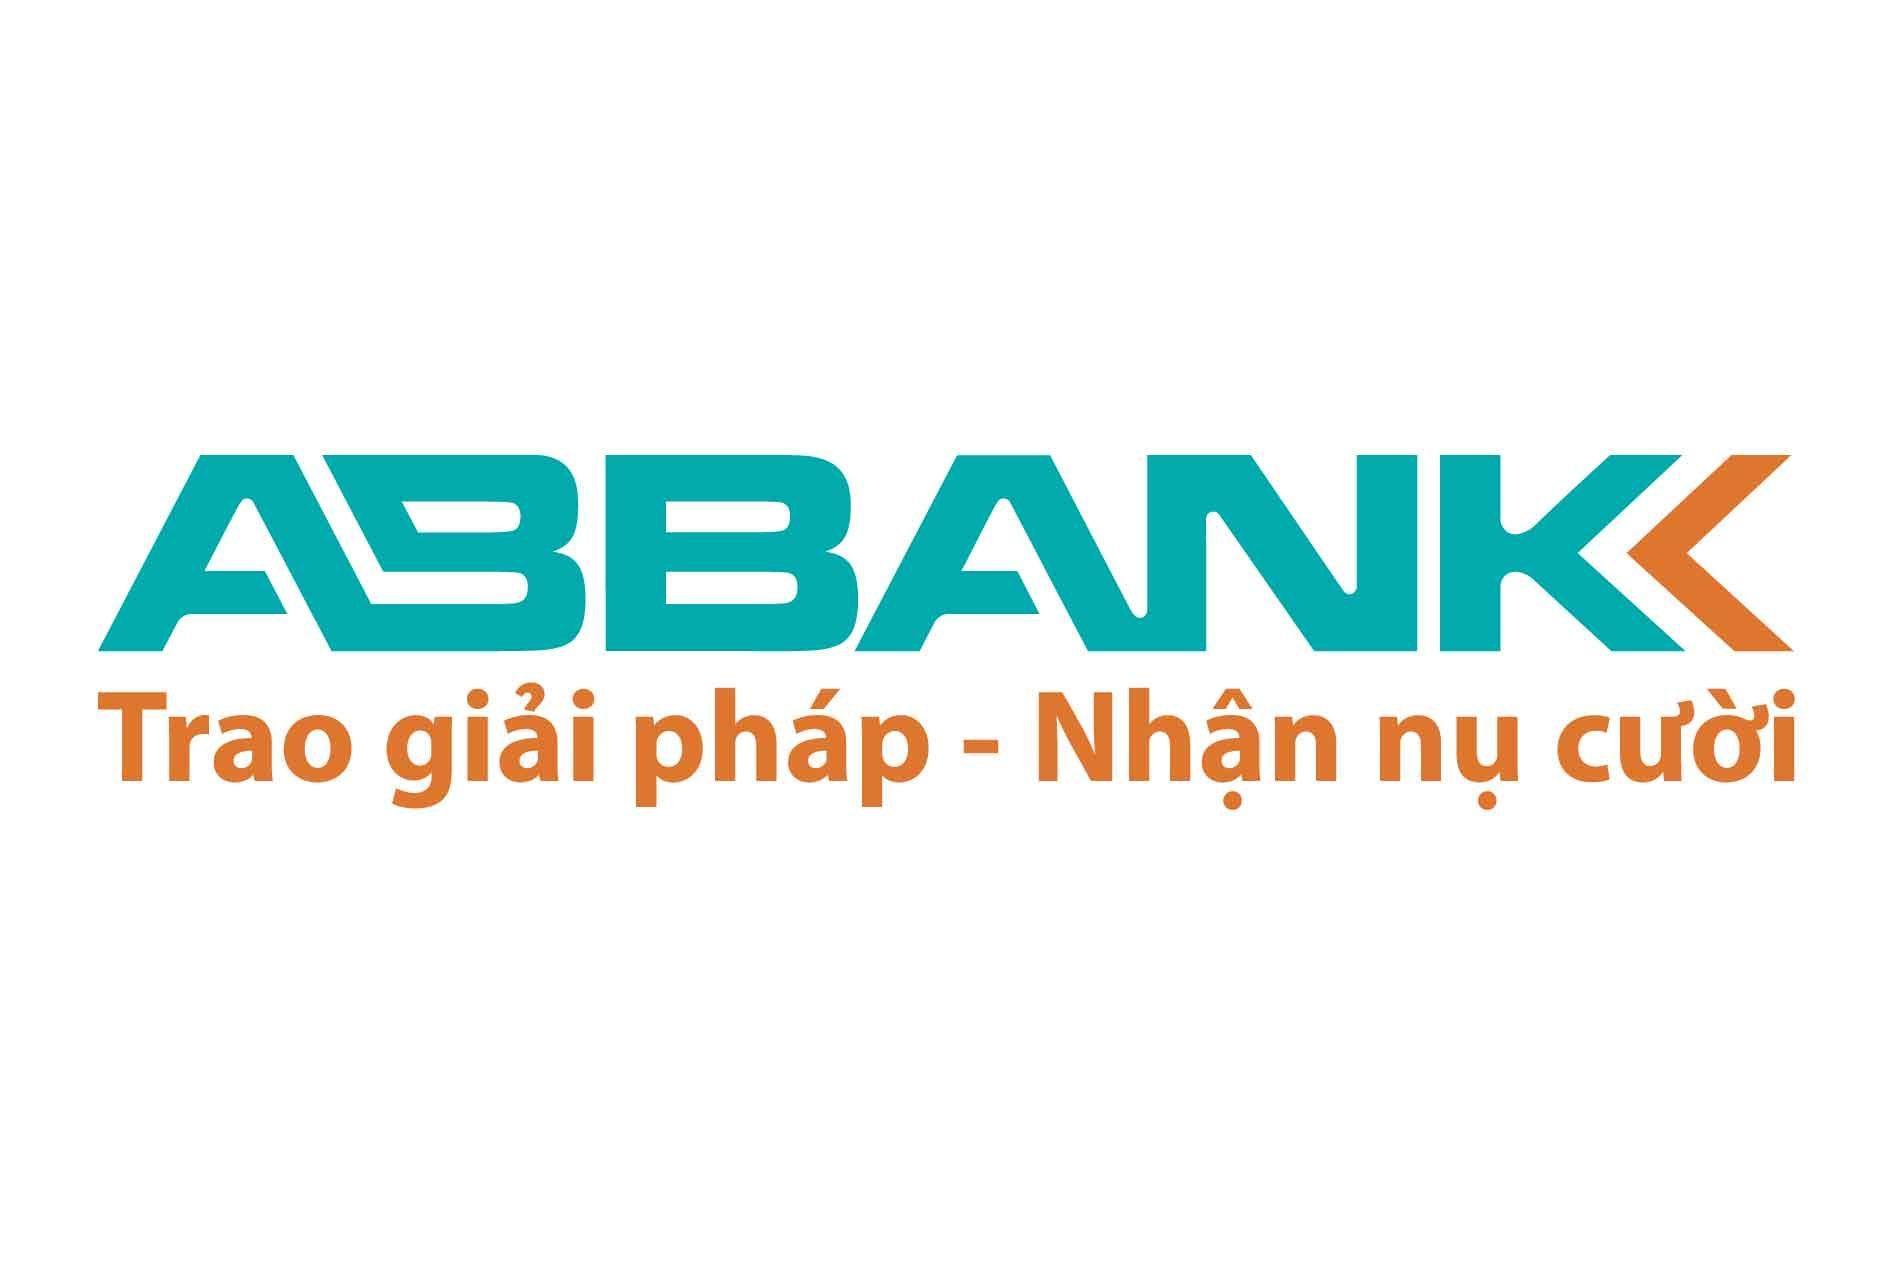 Vay mua xe lãi suất hấp dẫn Ngân hàng ABBank 2020